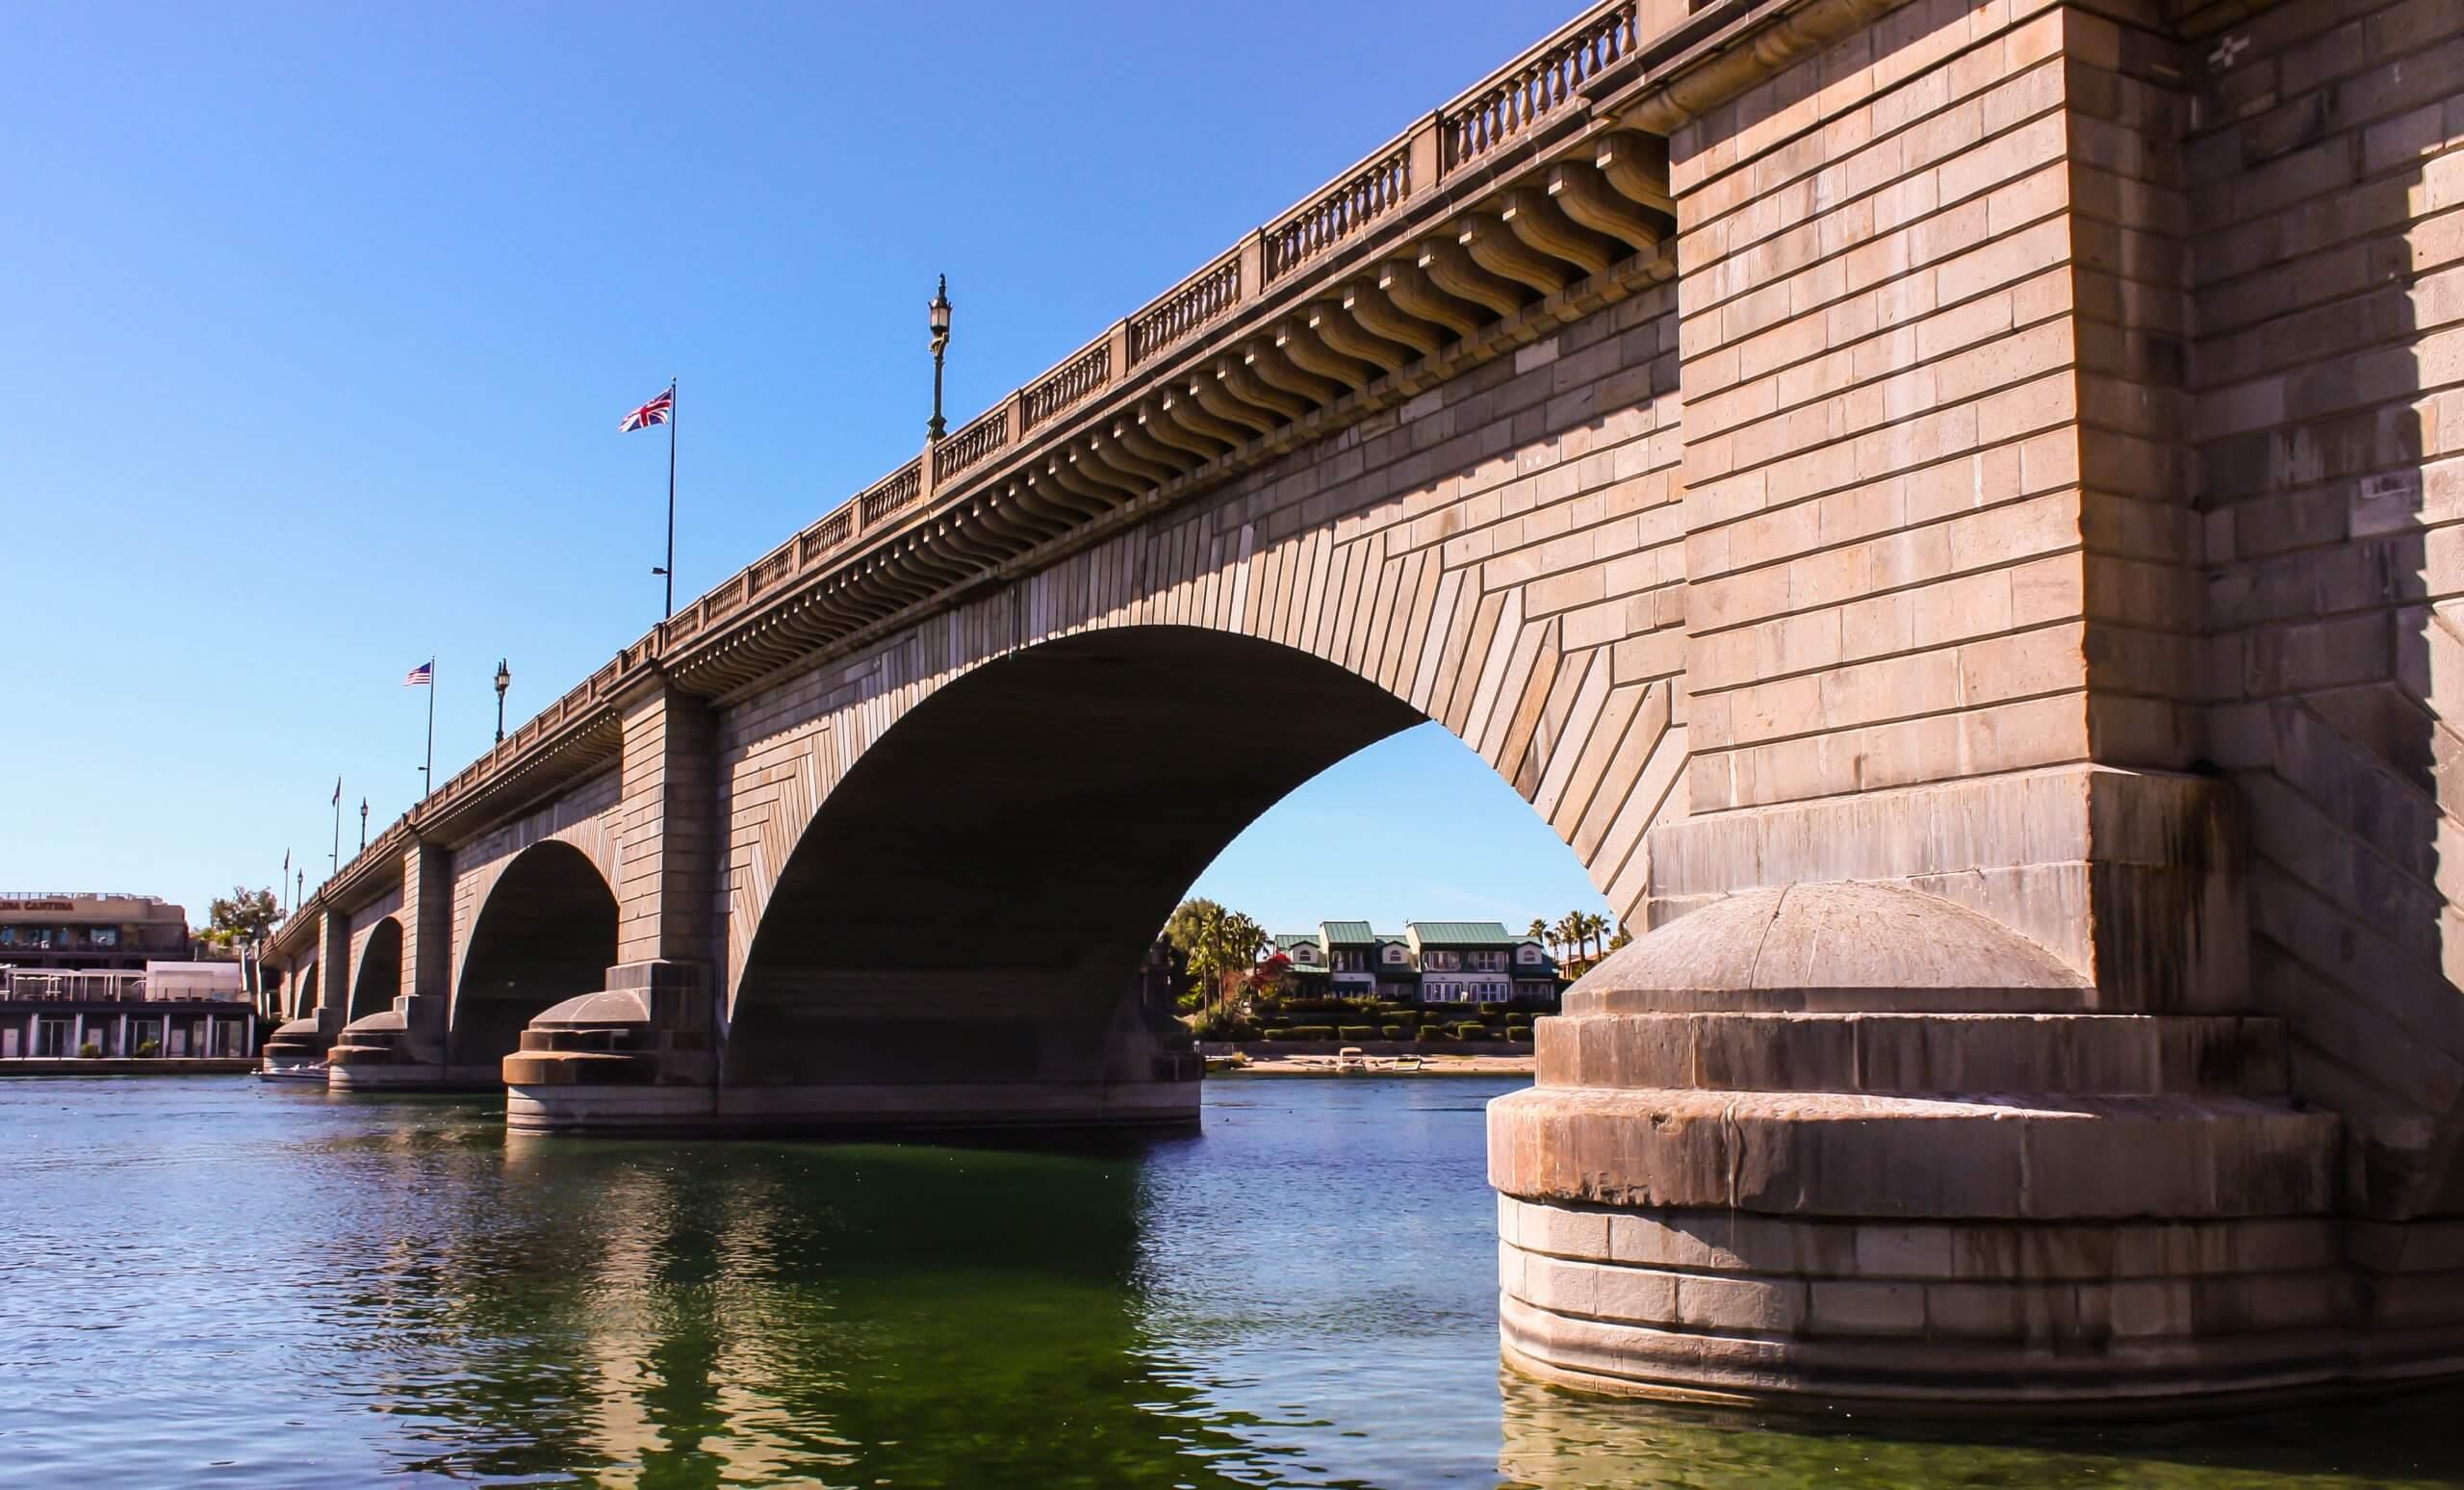 London Bridge in Lake Havasu, Arizona.